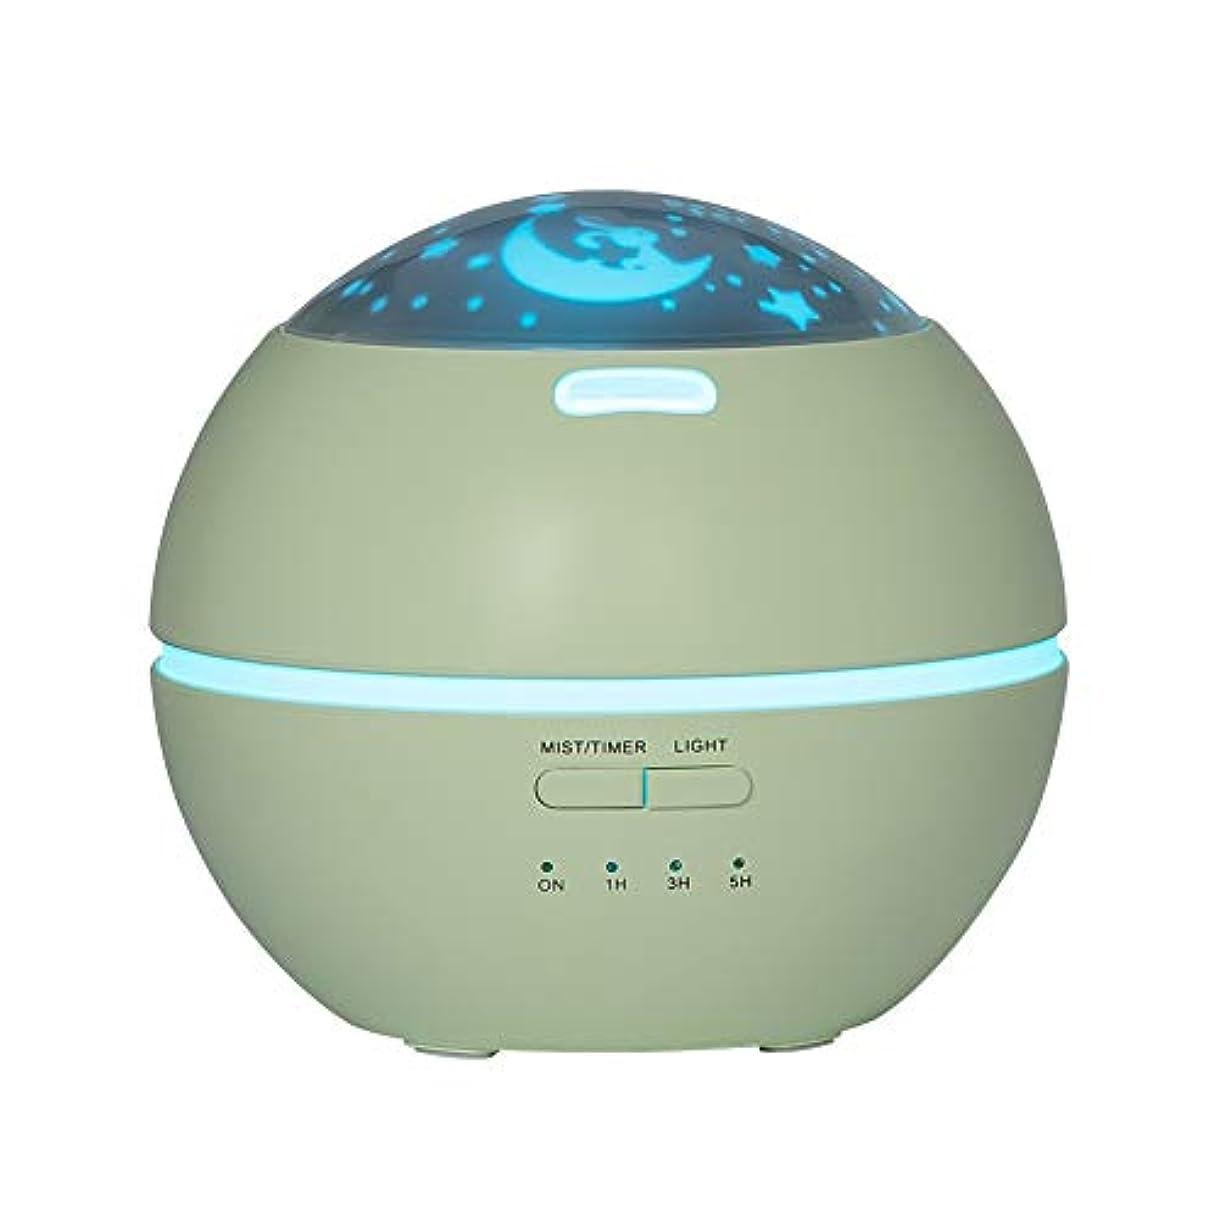 毒ジャニス染料LIBESON 加湿器 卓上 超音波式 アロマディフューザー 8色LEDライト変換 超静音 ミス調整可能 時間設定タイマー機能付き 空焚き防止機能搭載 アロマ加湿器 ホワイト150mL (グリーン)